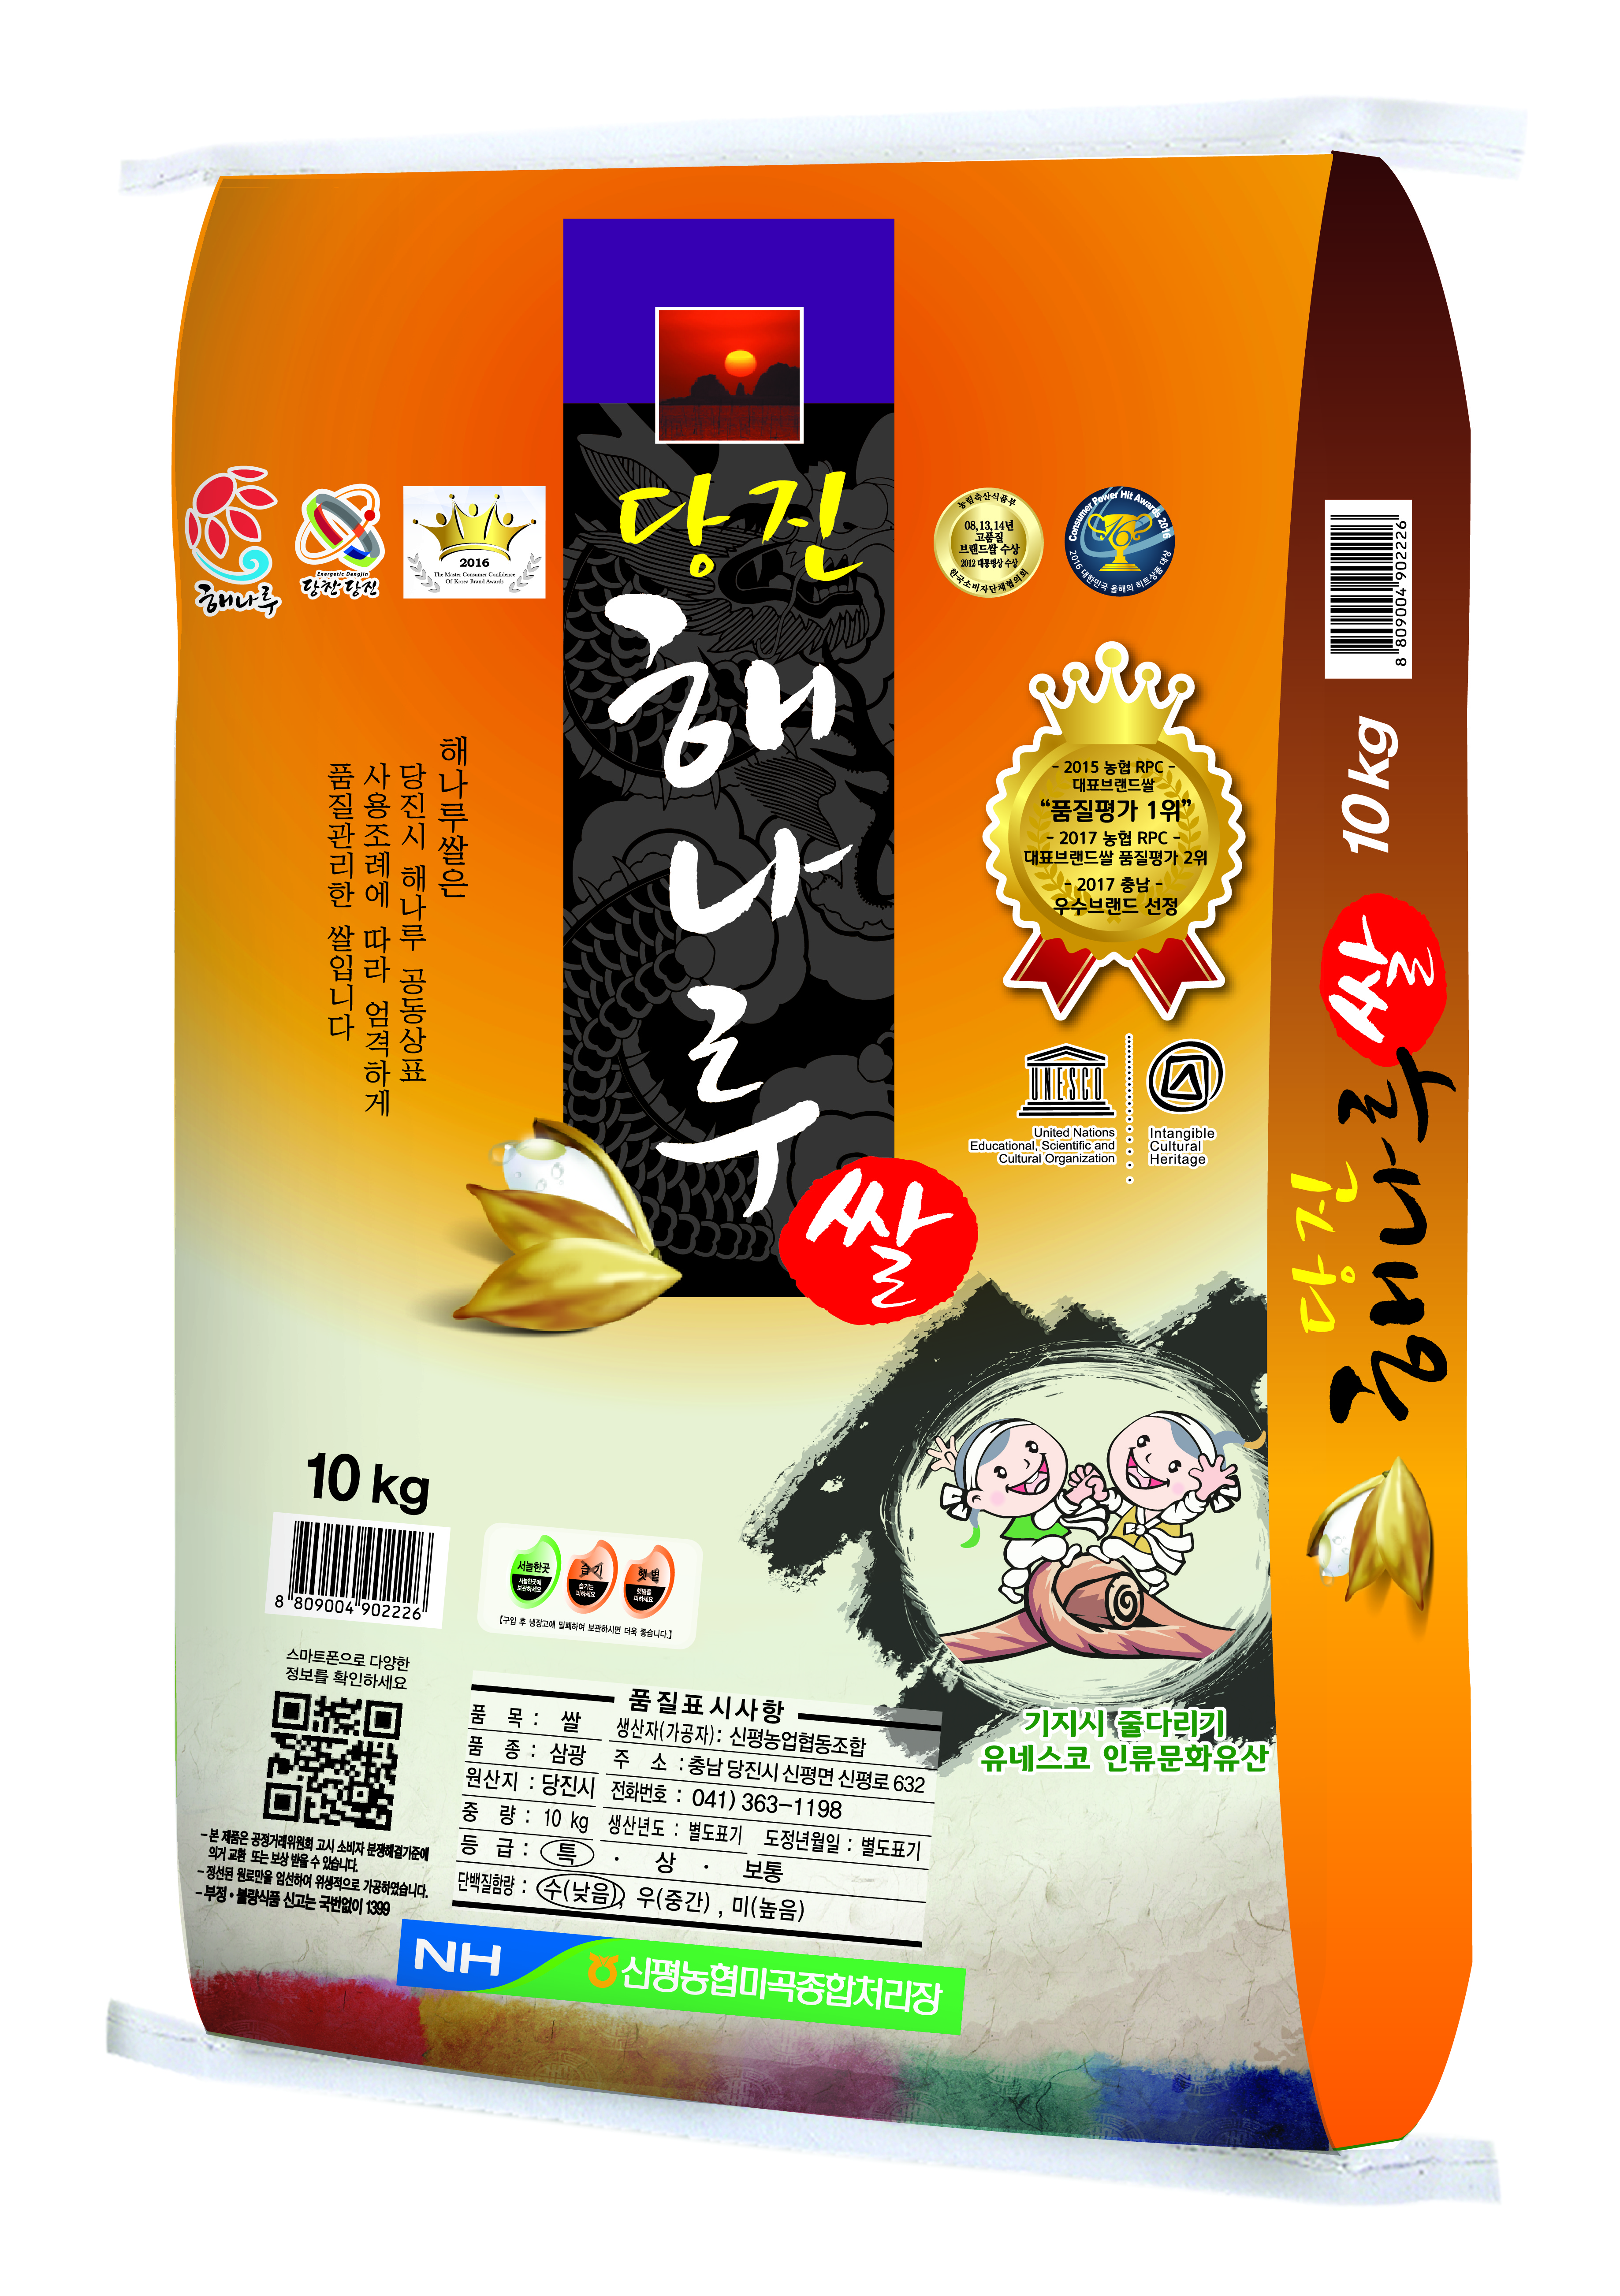 농협 2020년 햅쌀 당진 해나루 삼광쌀, 10kg, 1개